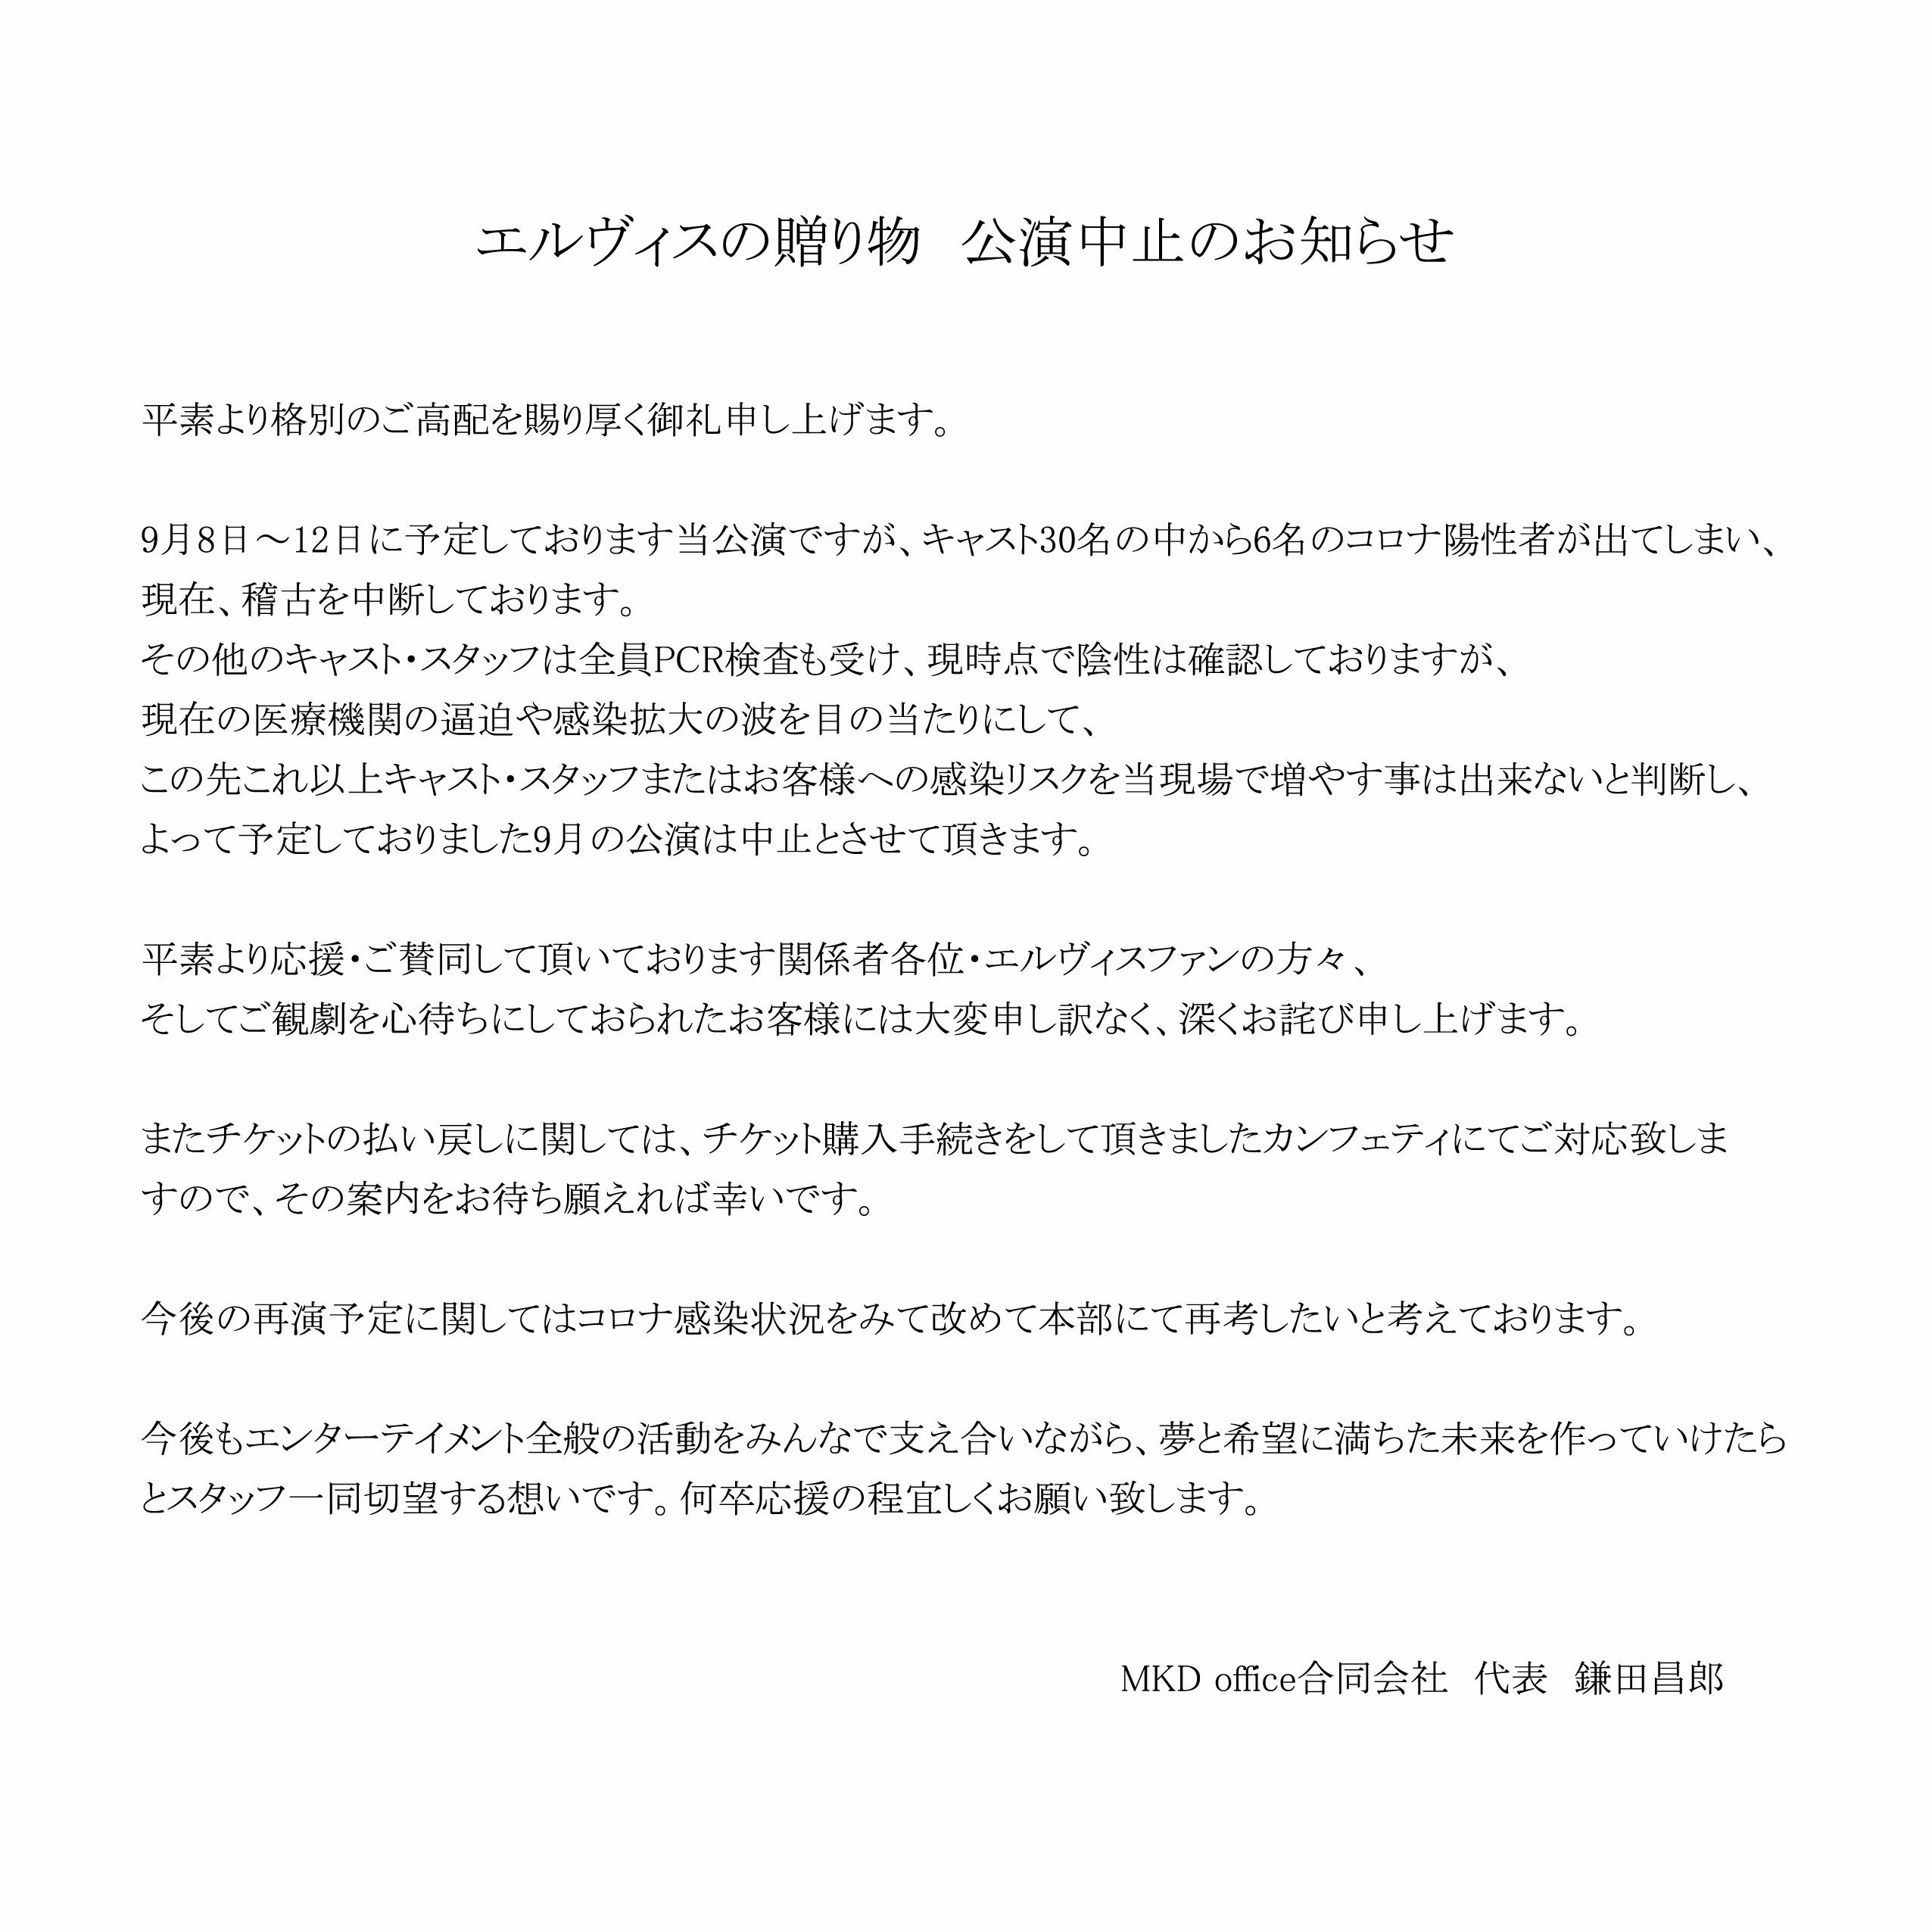 ミュージカル エルヴィスの贈り物 公演中止のお知らせ